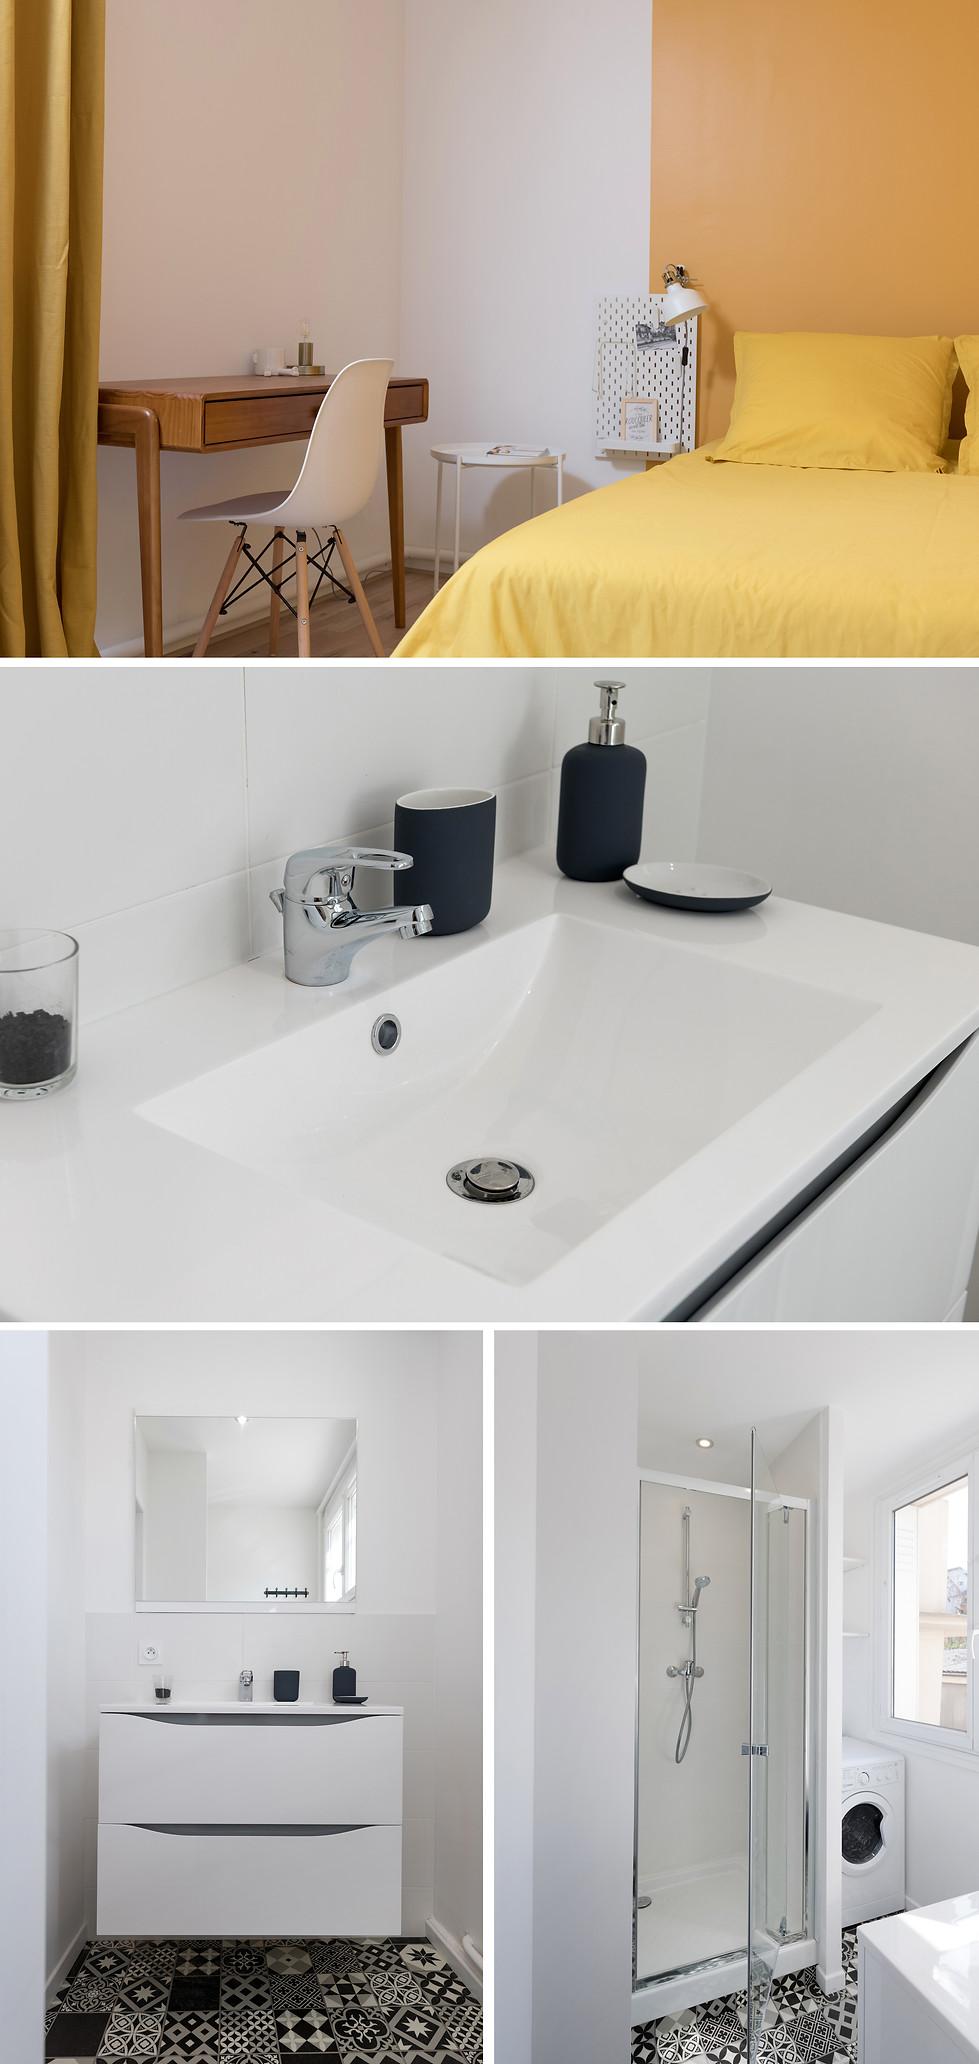 Rénovation d'un appartement à Lyon teinté de vert et de nature. Architecte d'intérieur et décoratrice, je m'adapte à vos envies et à vos besoins.